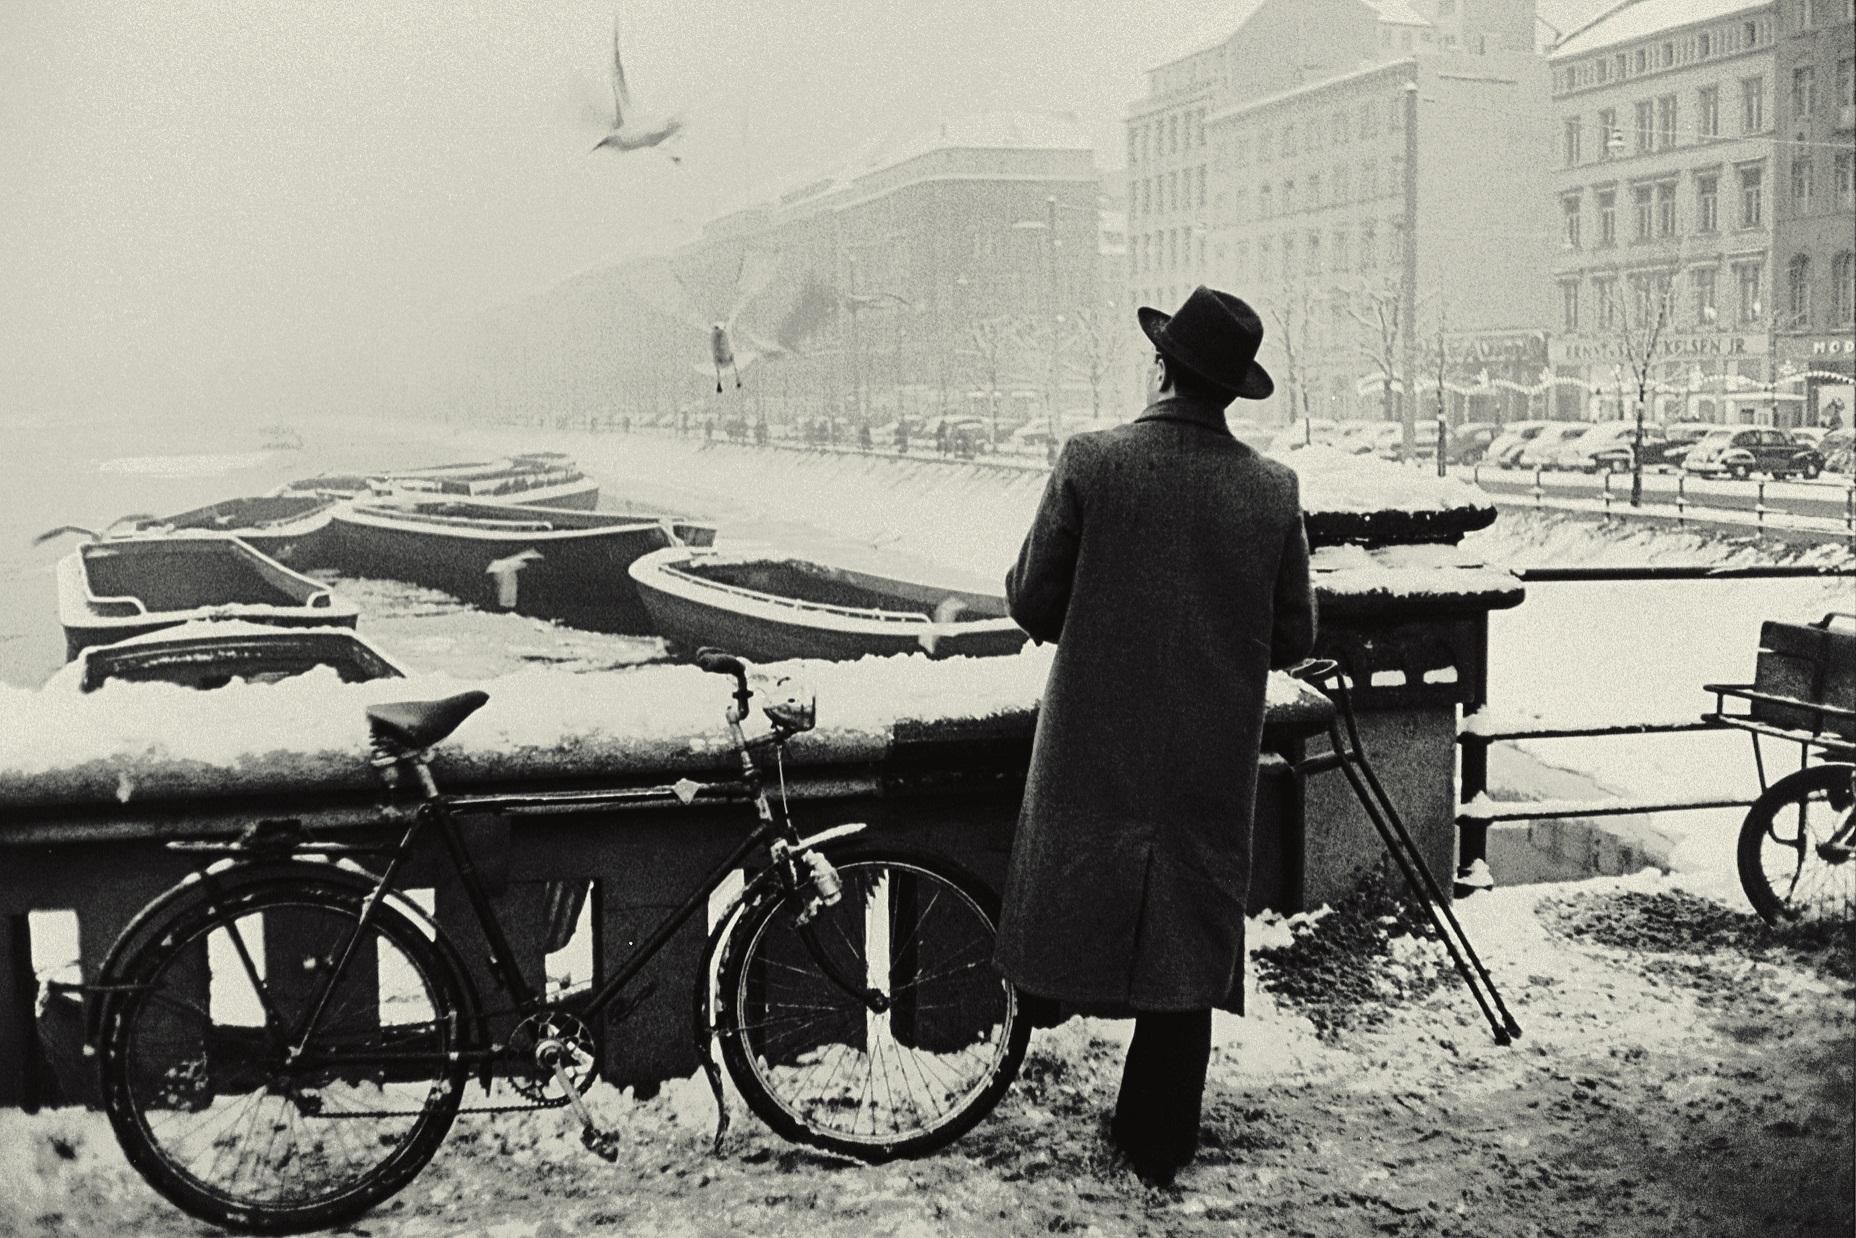 'People & The City'  dal 21 ottobre 2011 al 4 dicembre 2011 la collezione Unicredit alla Winzavod di Mosca